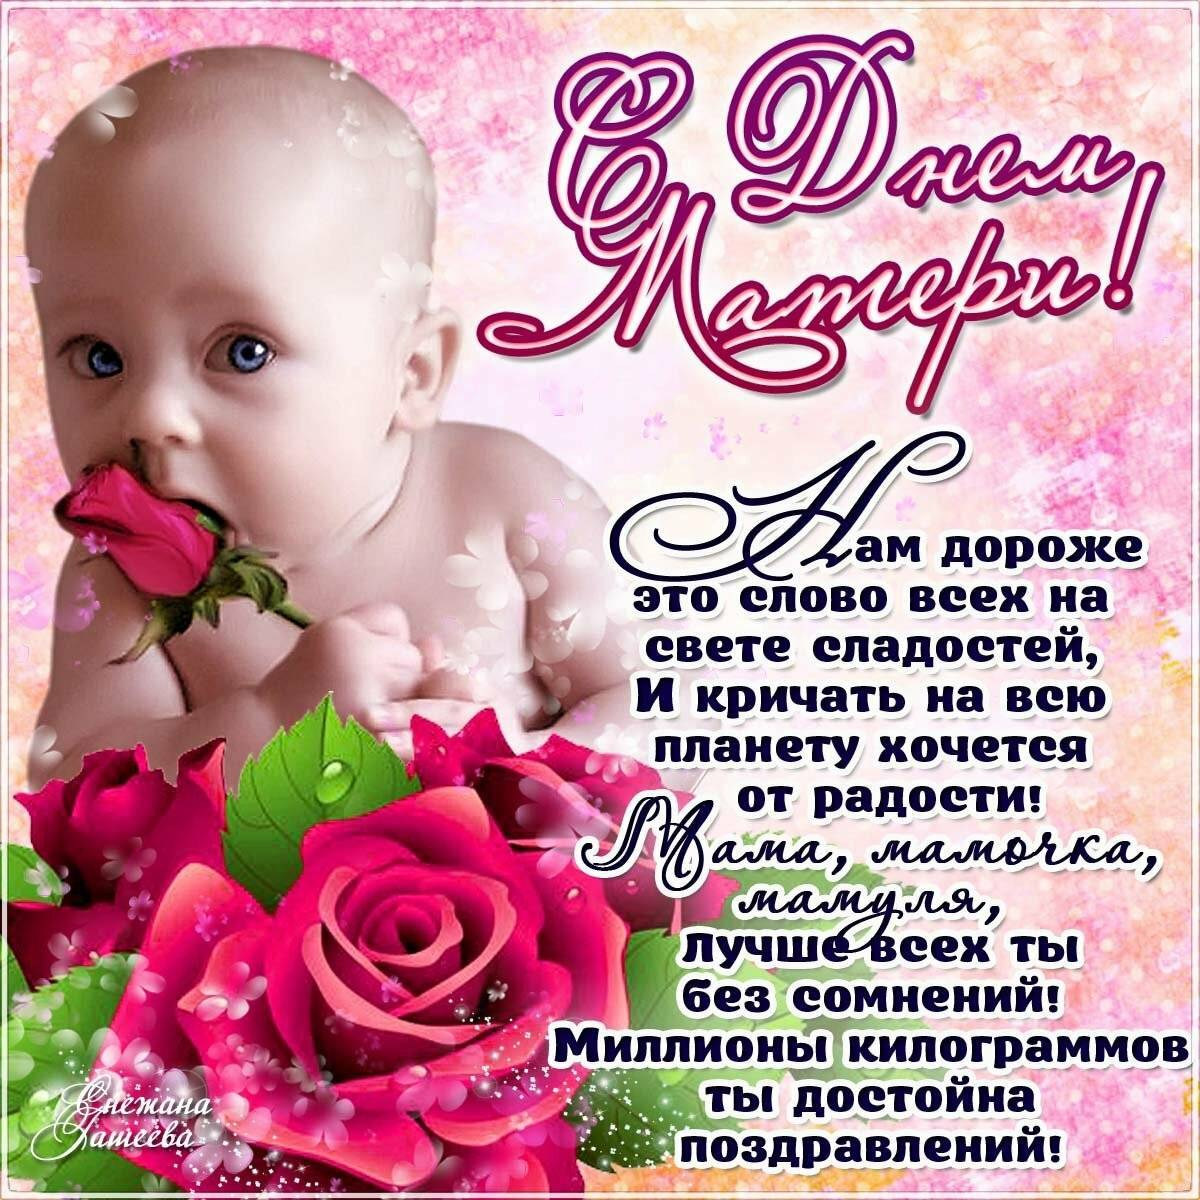 Лучшие поздравления с днем матери в стихах и прозе